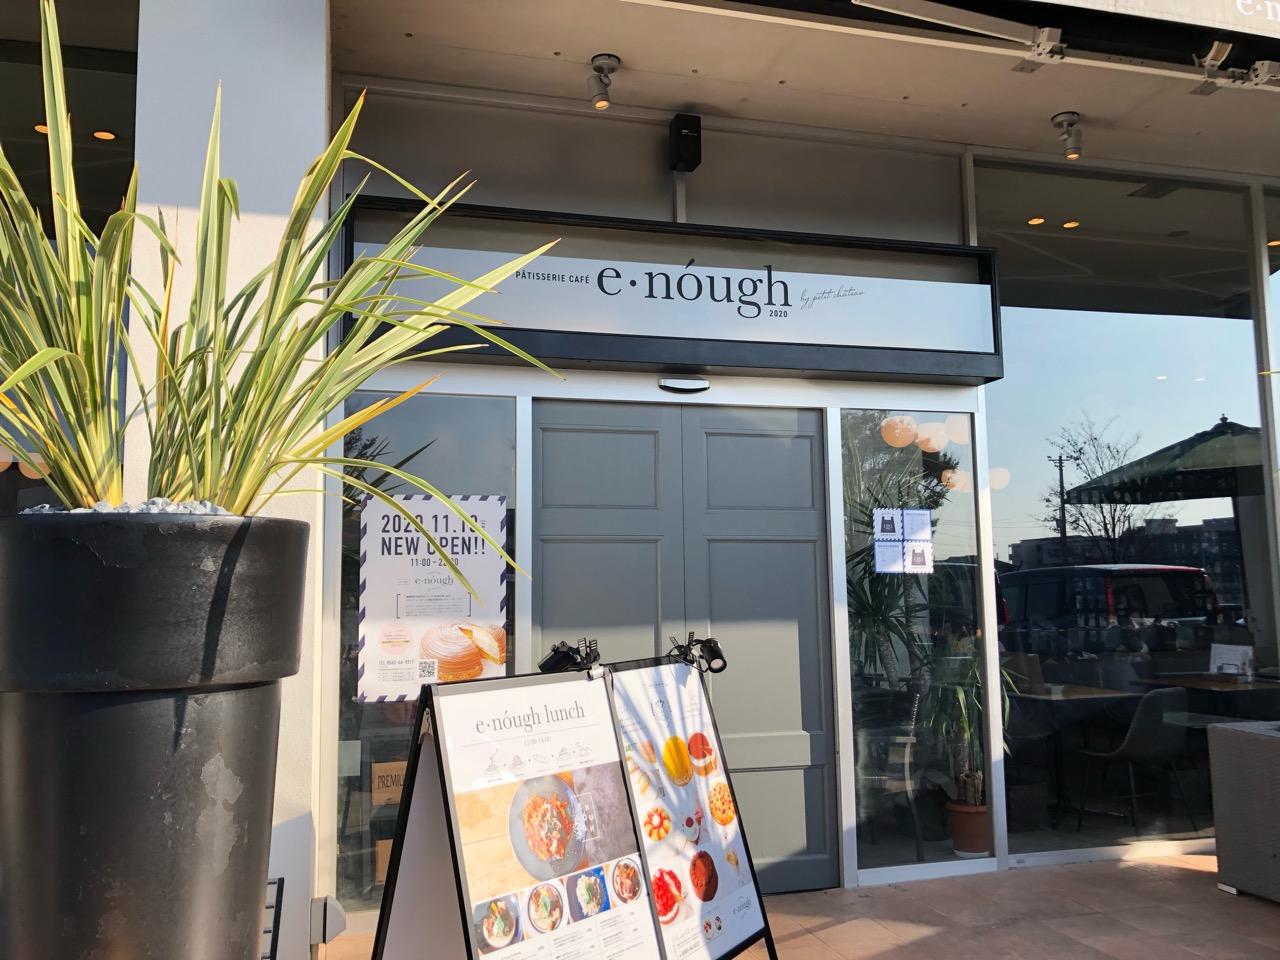 CAFEenough